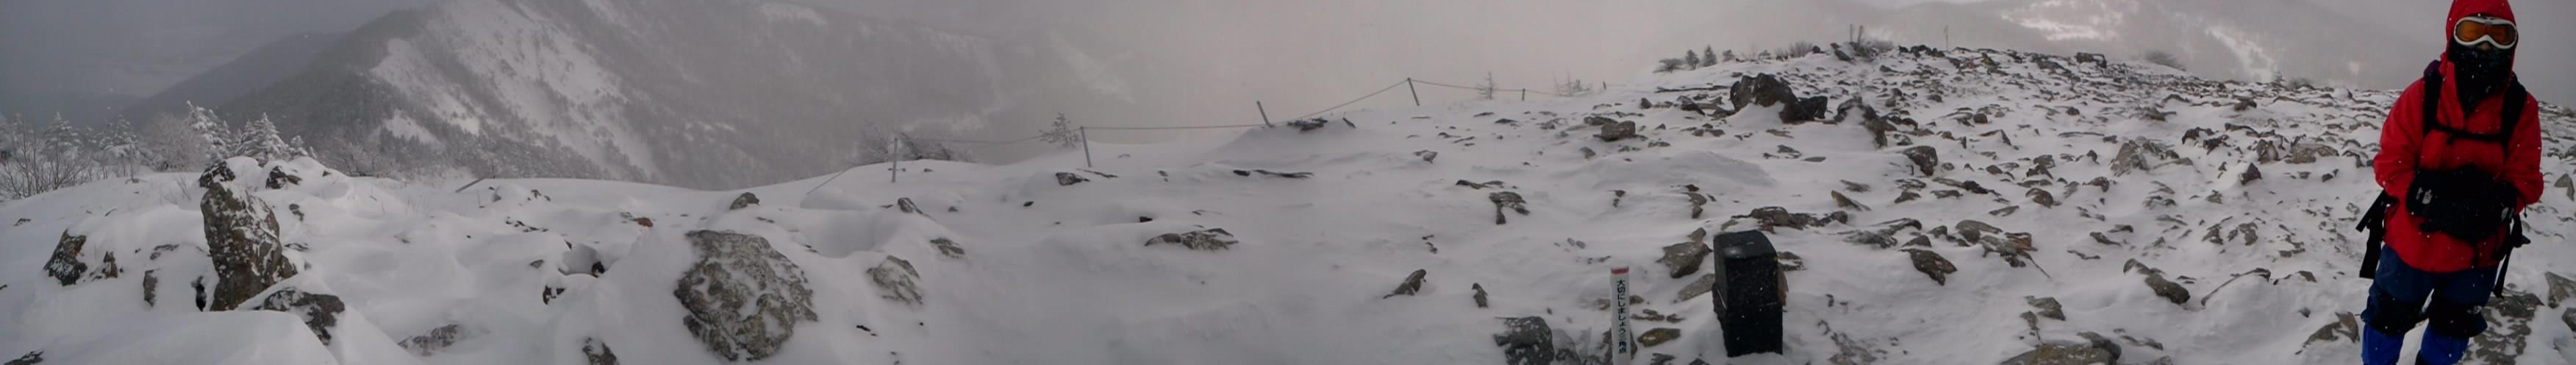 2011/1/30 浅間山近くの東篭ノ登山へスノーシューハイク。by ゲストさん